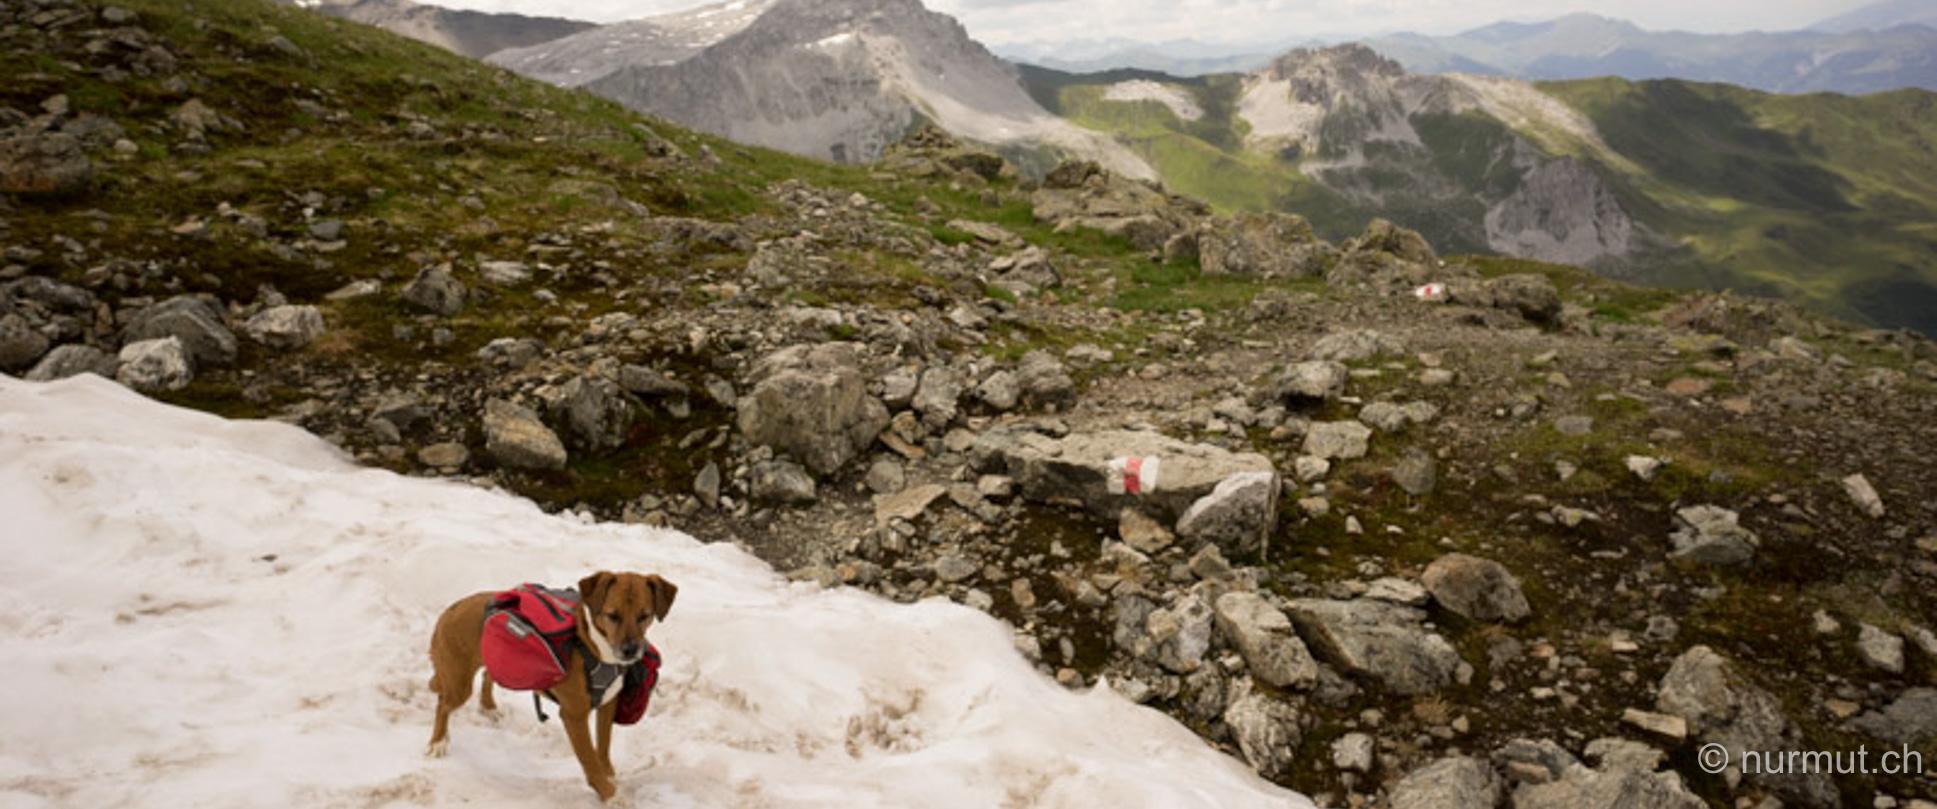 wandern mit hund-st. antoenier joch-gratwanderung-praettigau